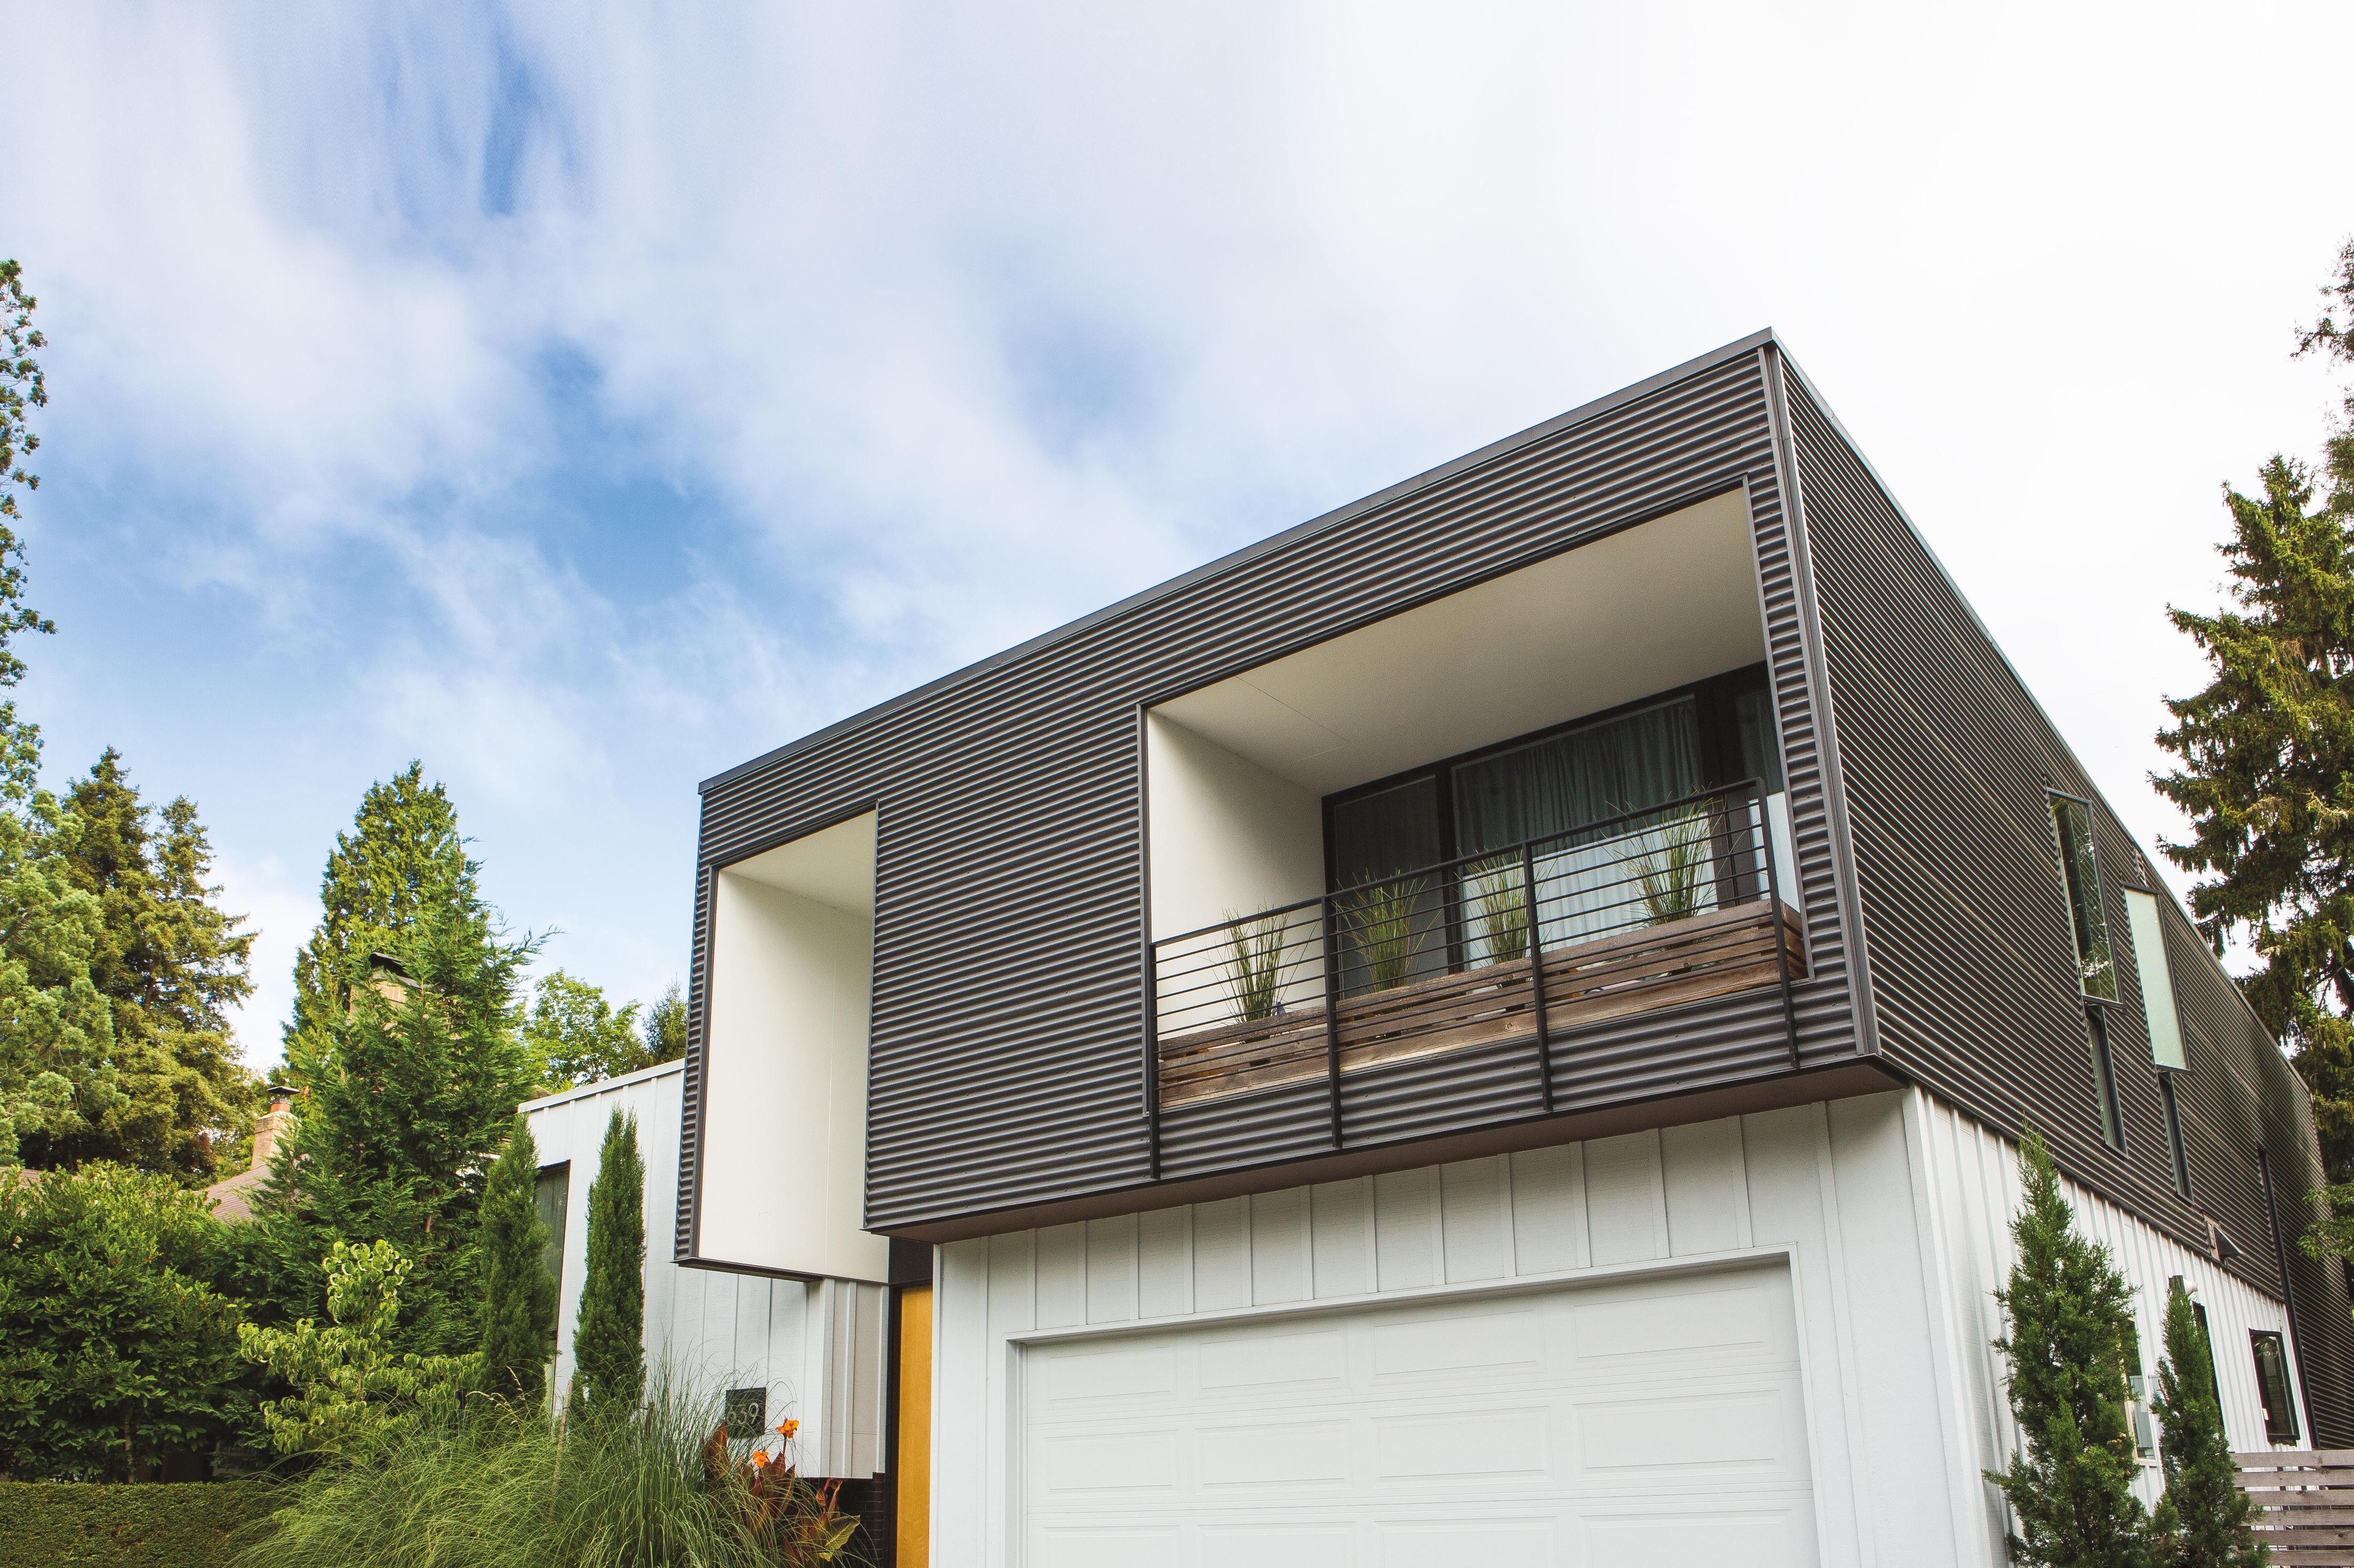 Da2017 leedy house exterior plkvys